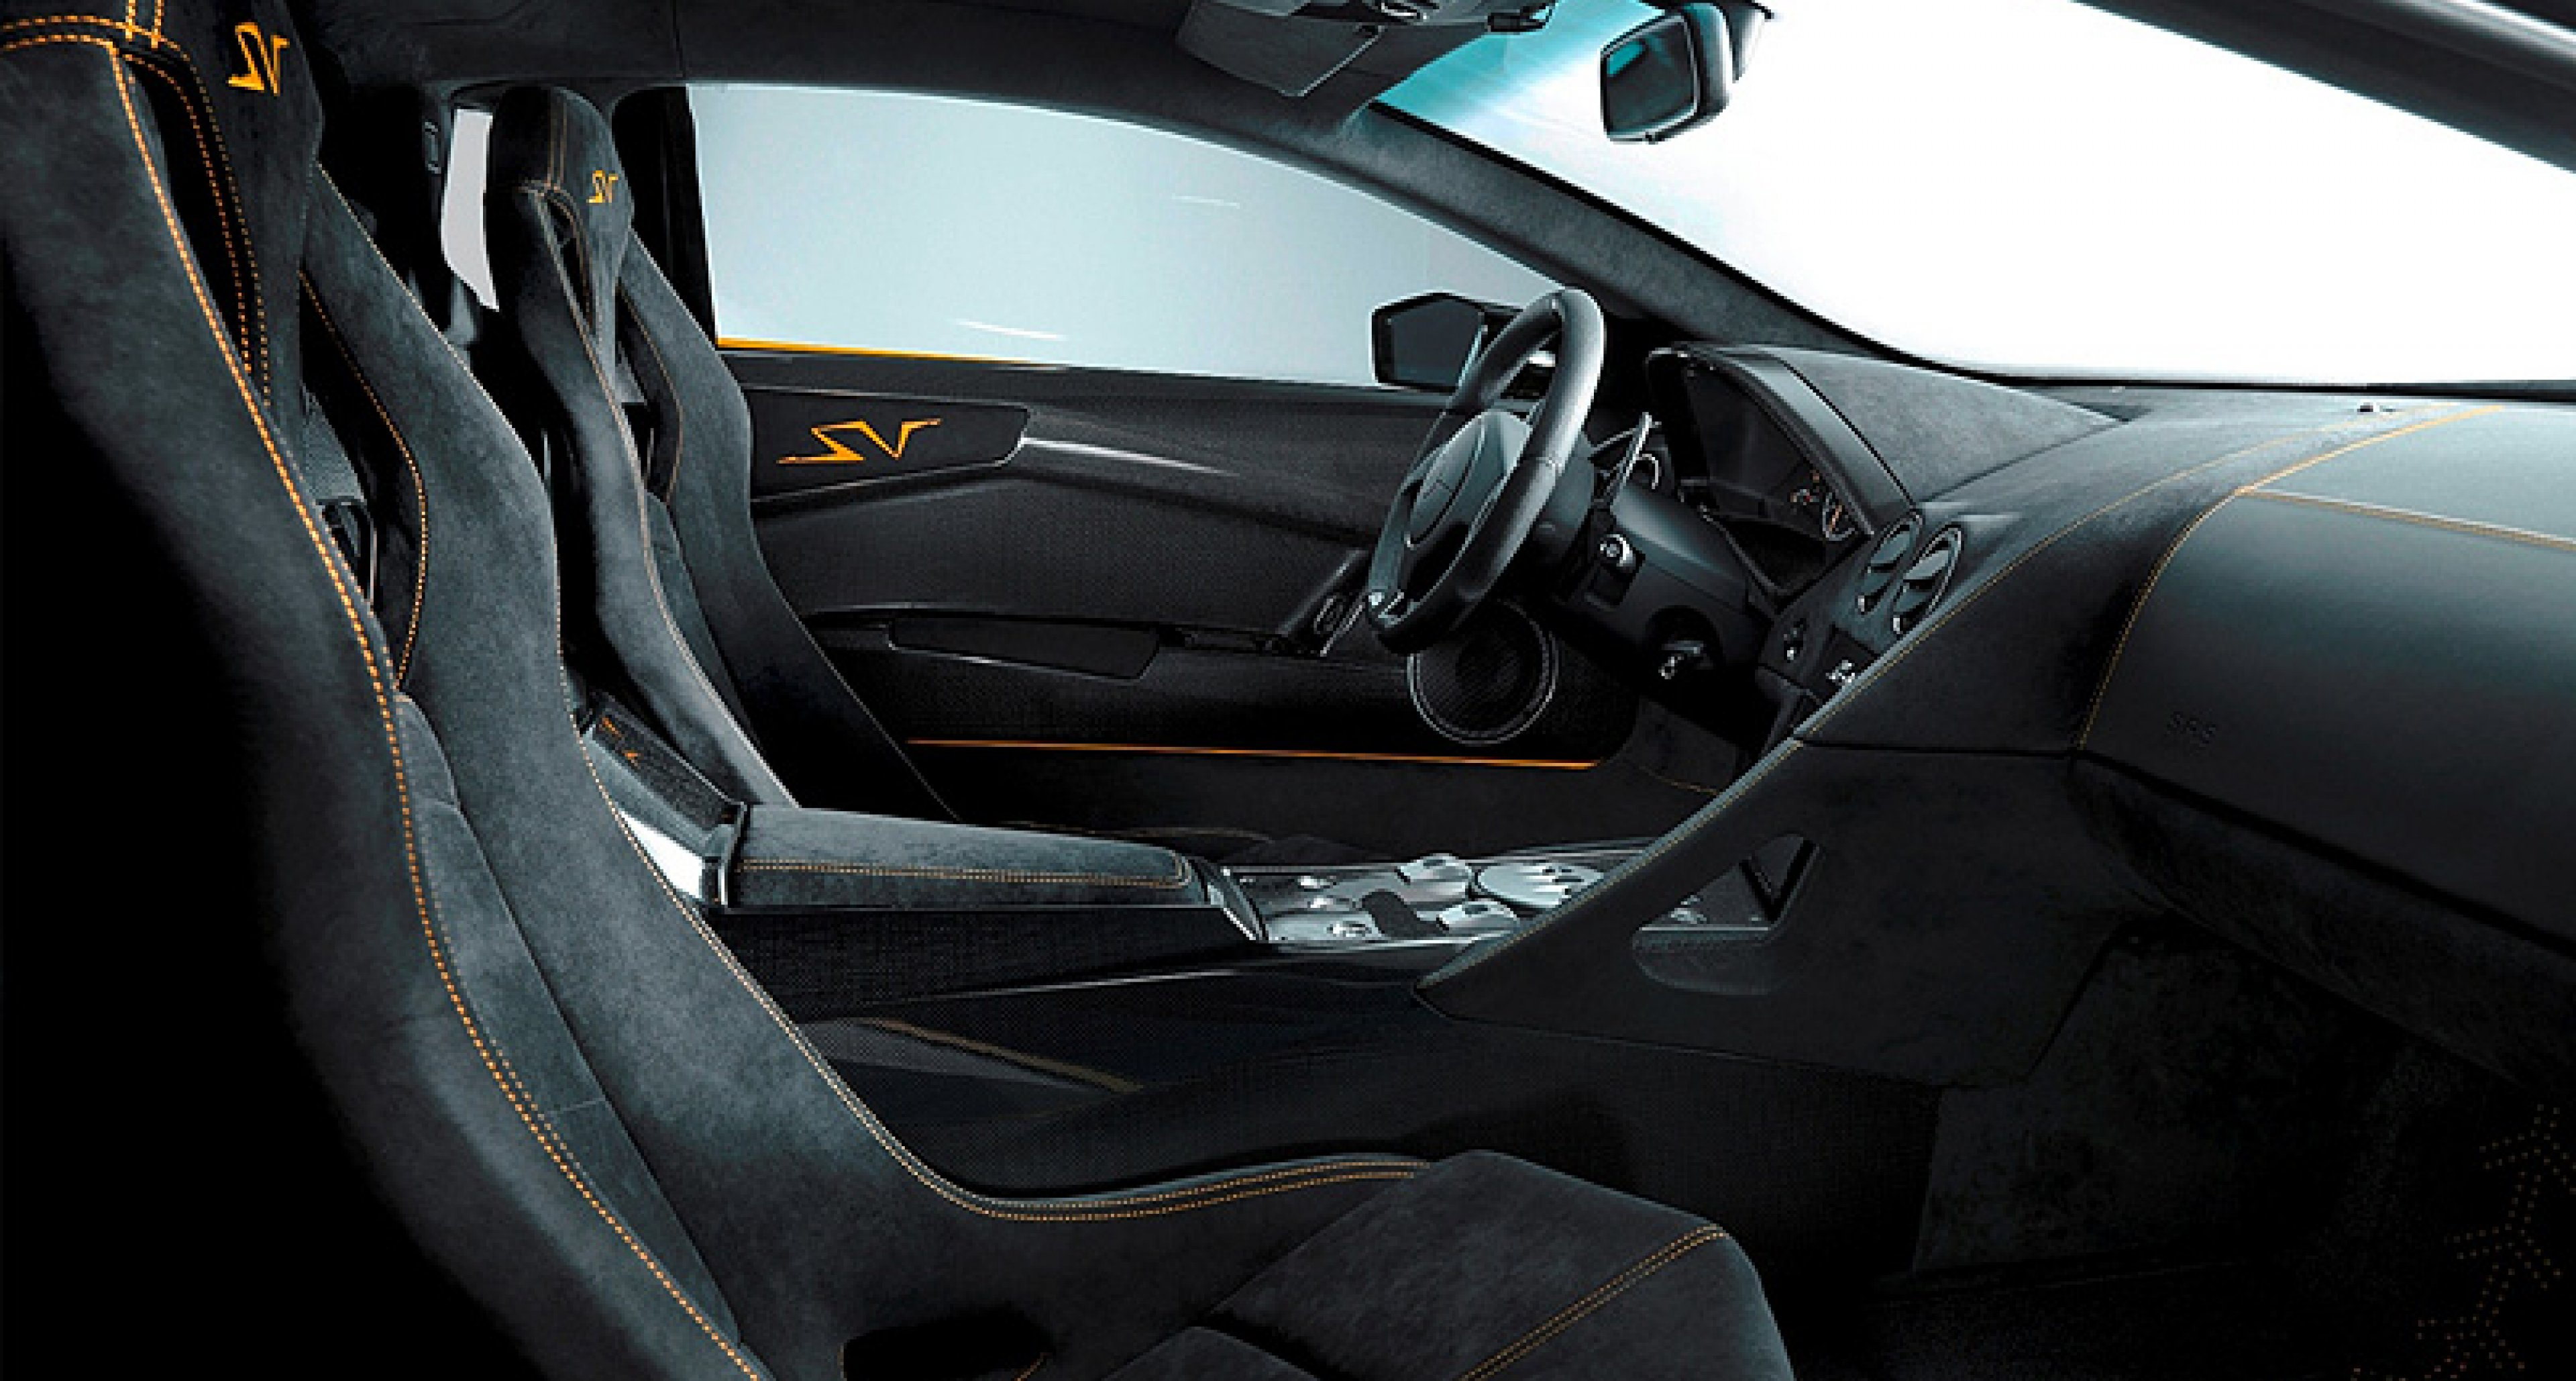 Lamborghini Murciélago LP 670-4 SuperVeloce: Stärker + leichter = schneller